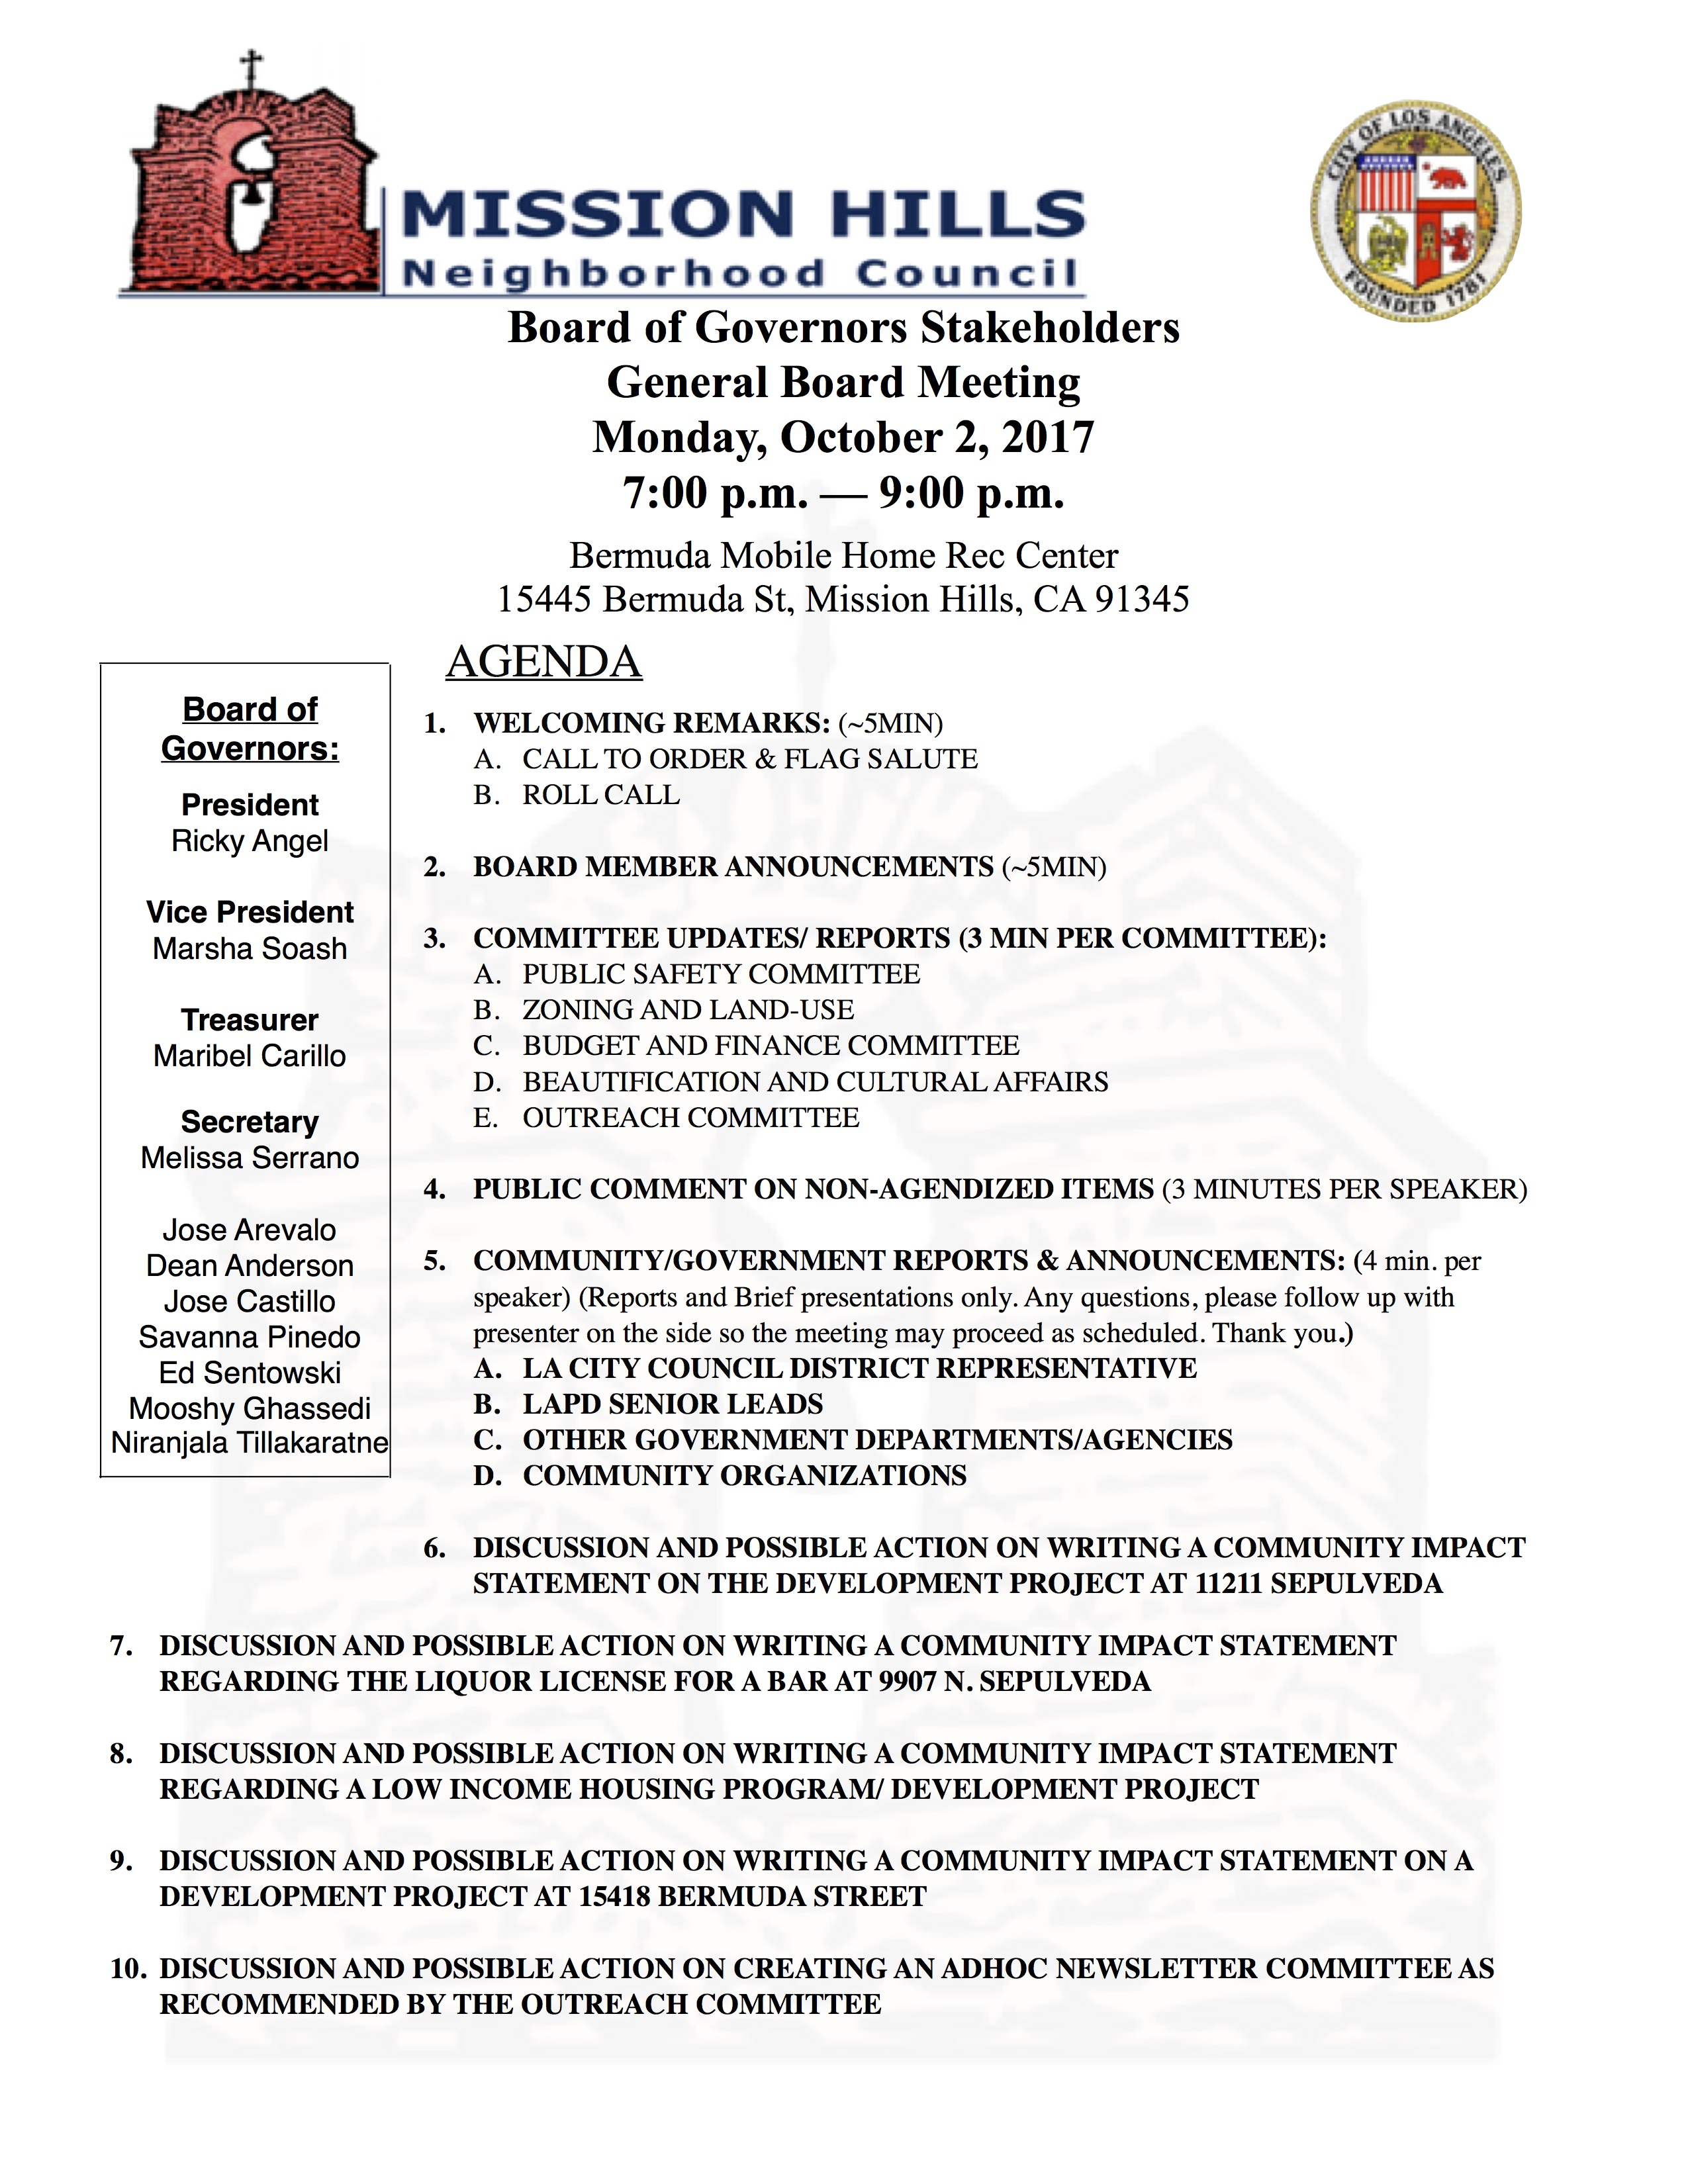 October 2, 2017 Agenda